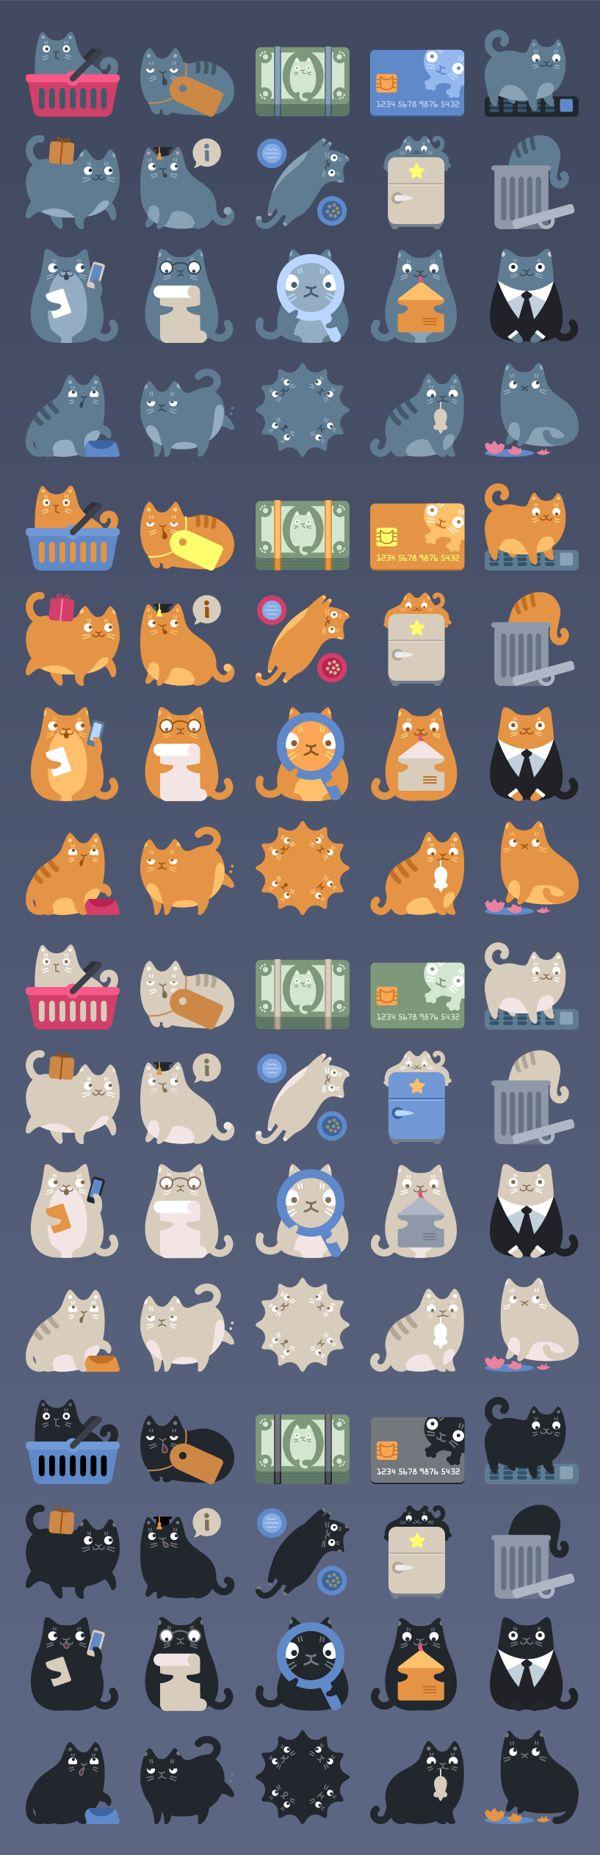 Cat Commerce Icon Pack by Denis Sazhin, via Behance